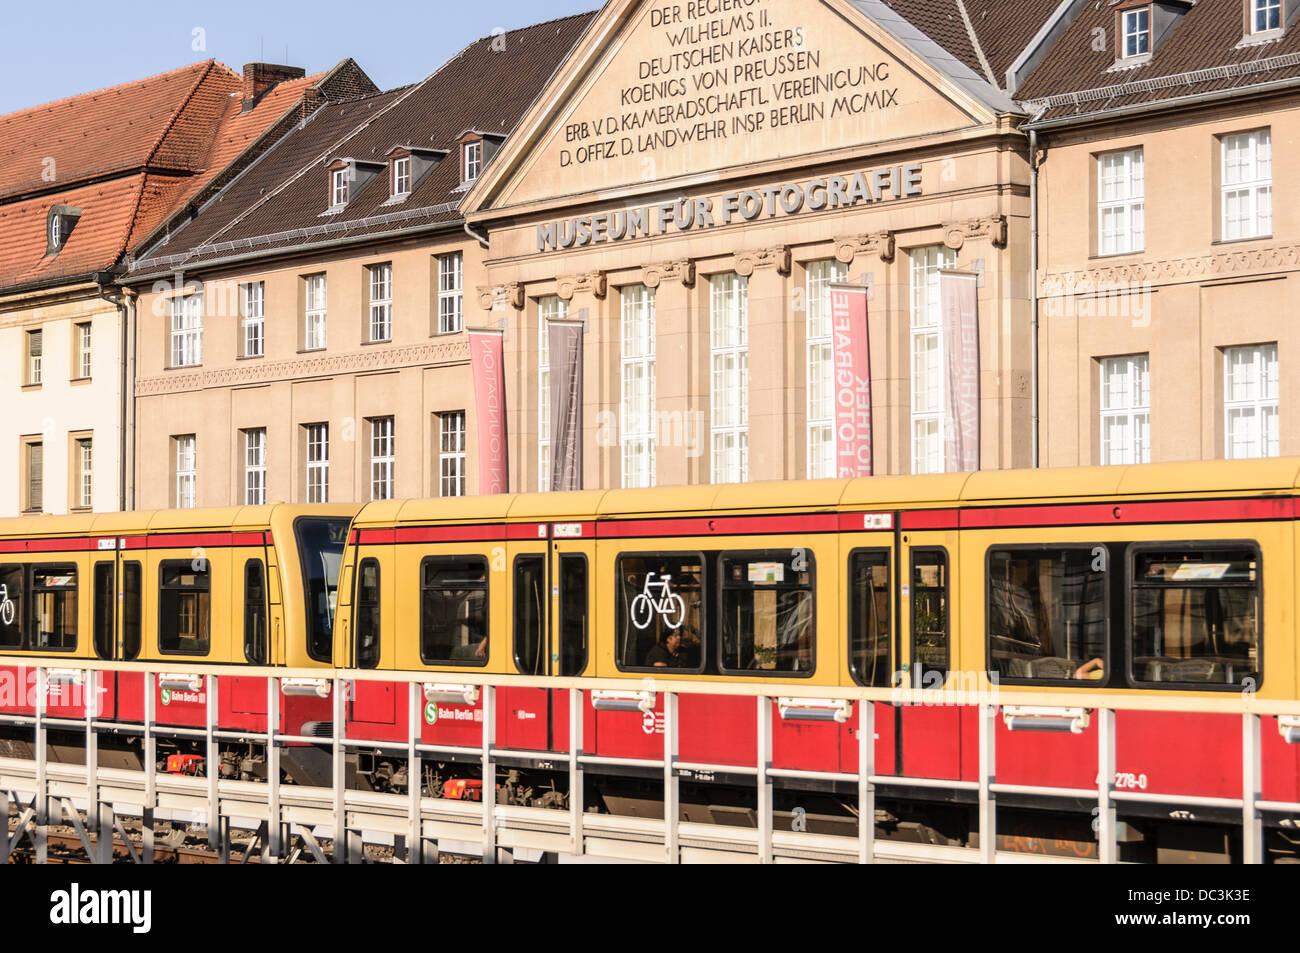 Museum Für Fotografie - Museum für Fotografie - Startseite der Helmut Newton Stiftung - Berlin Deutschland Stockbild